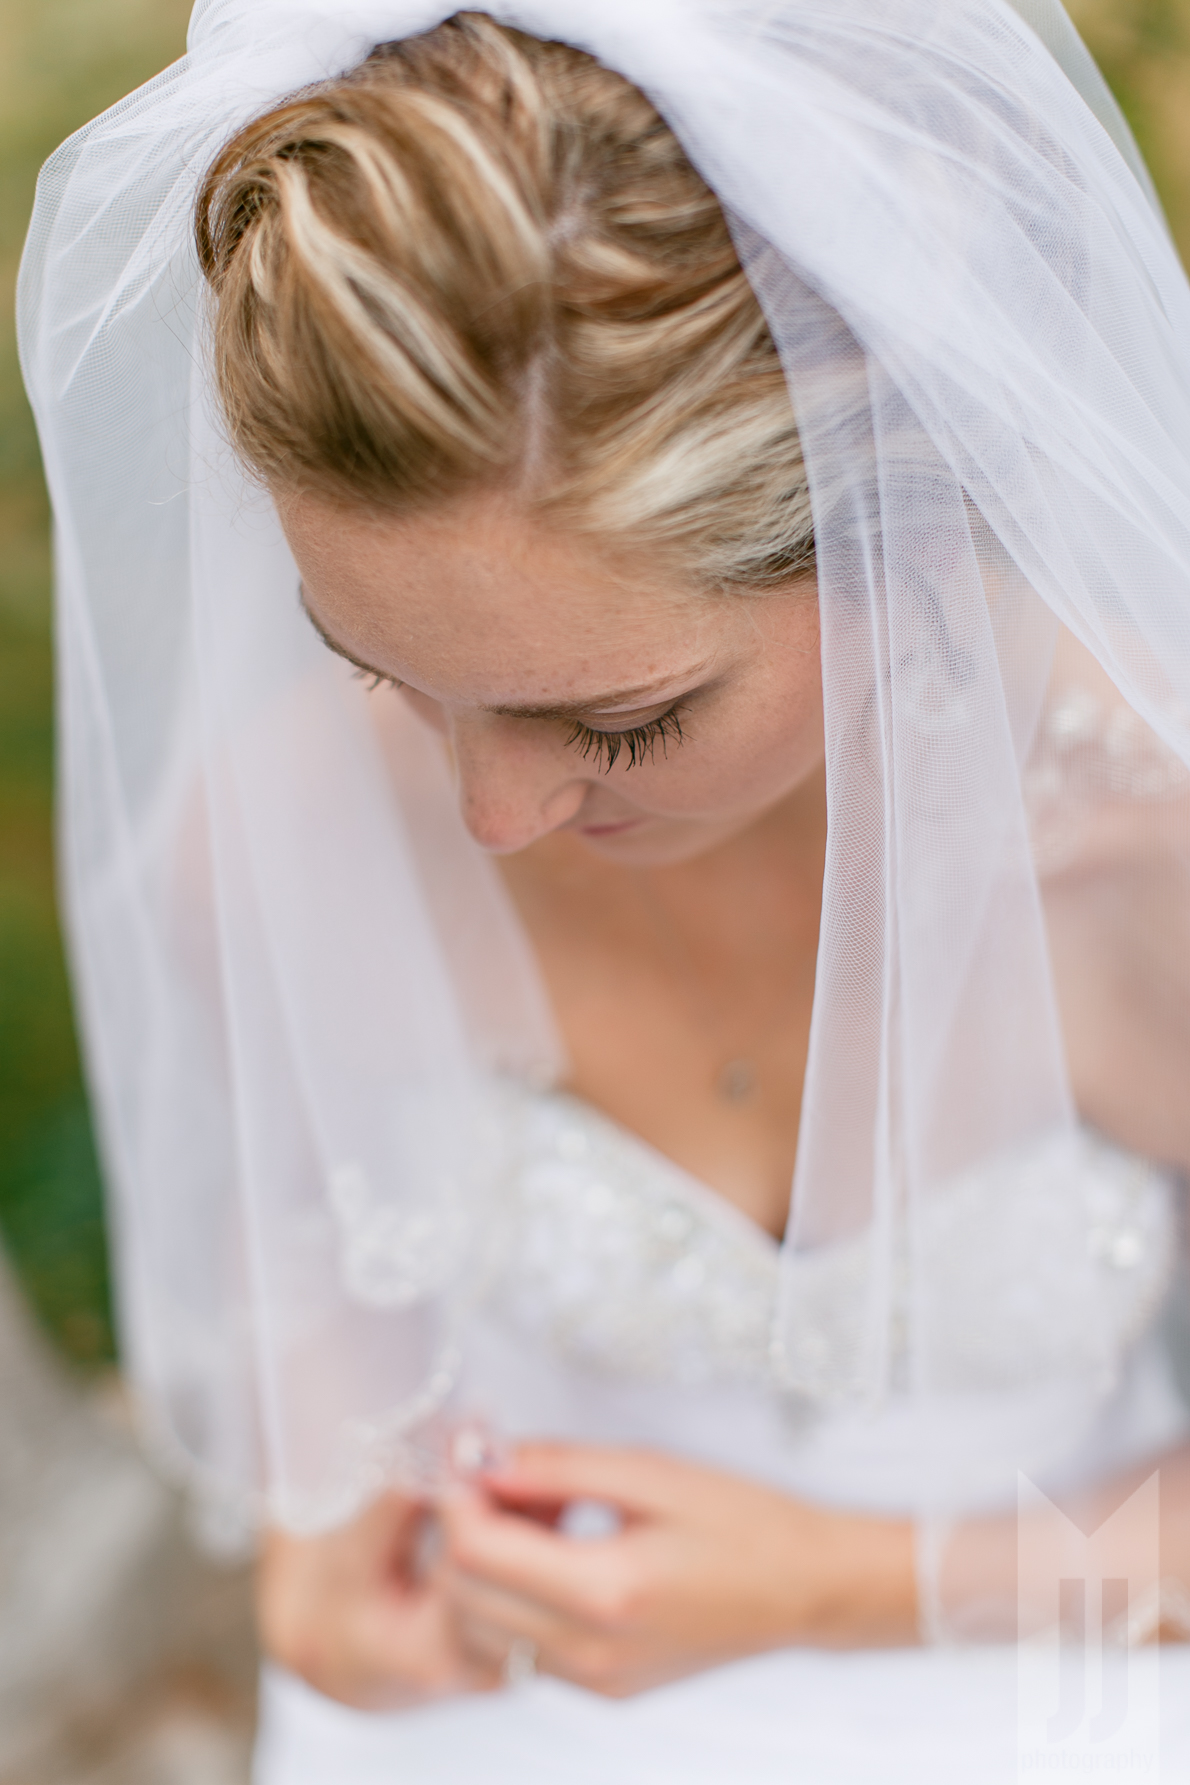 Fwedding-2.jpg